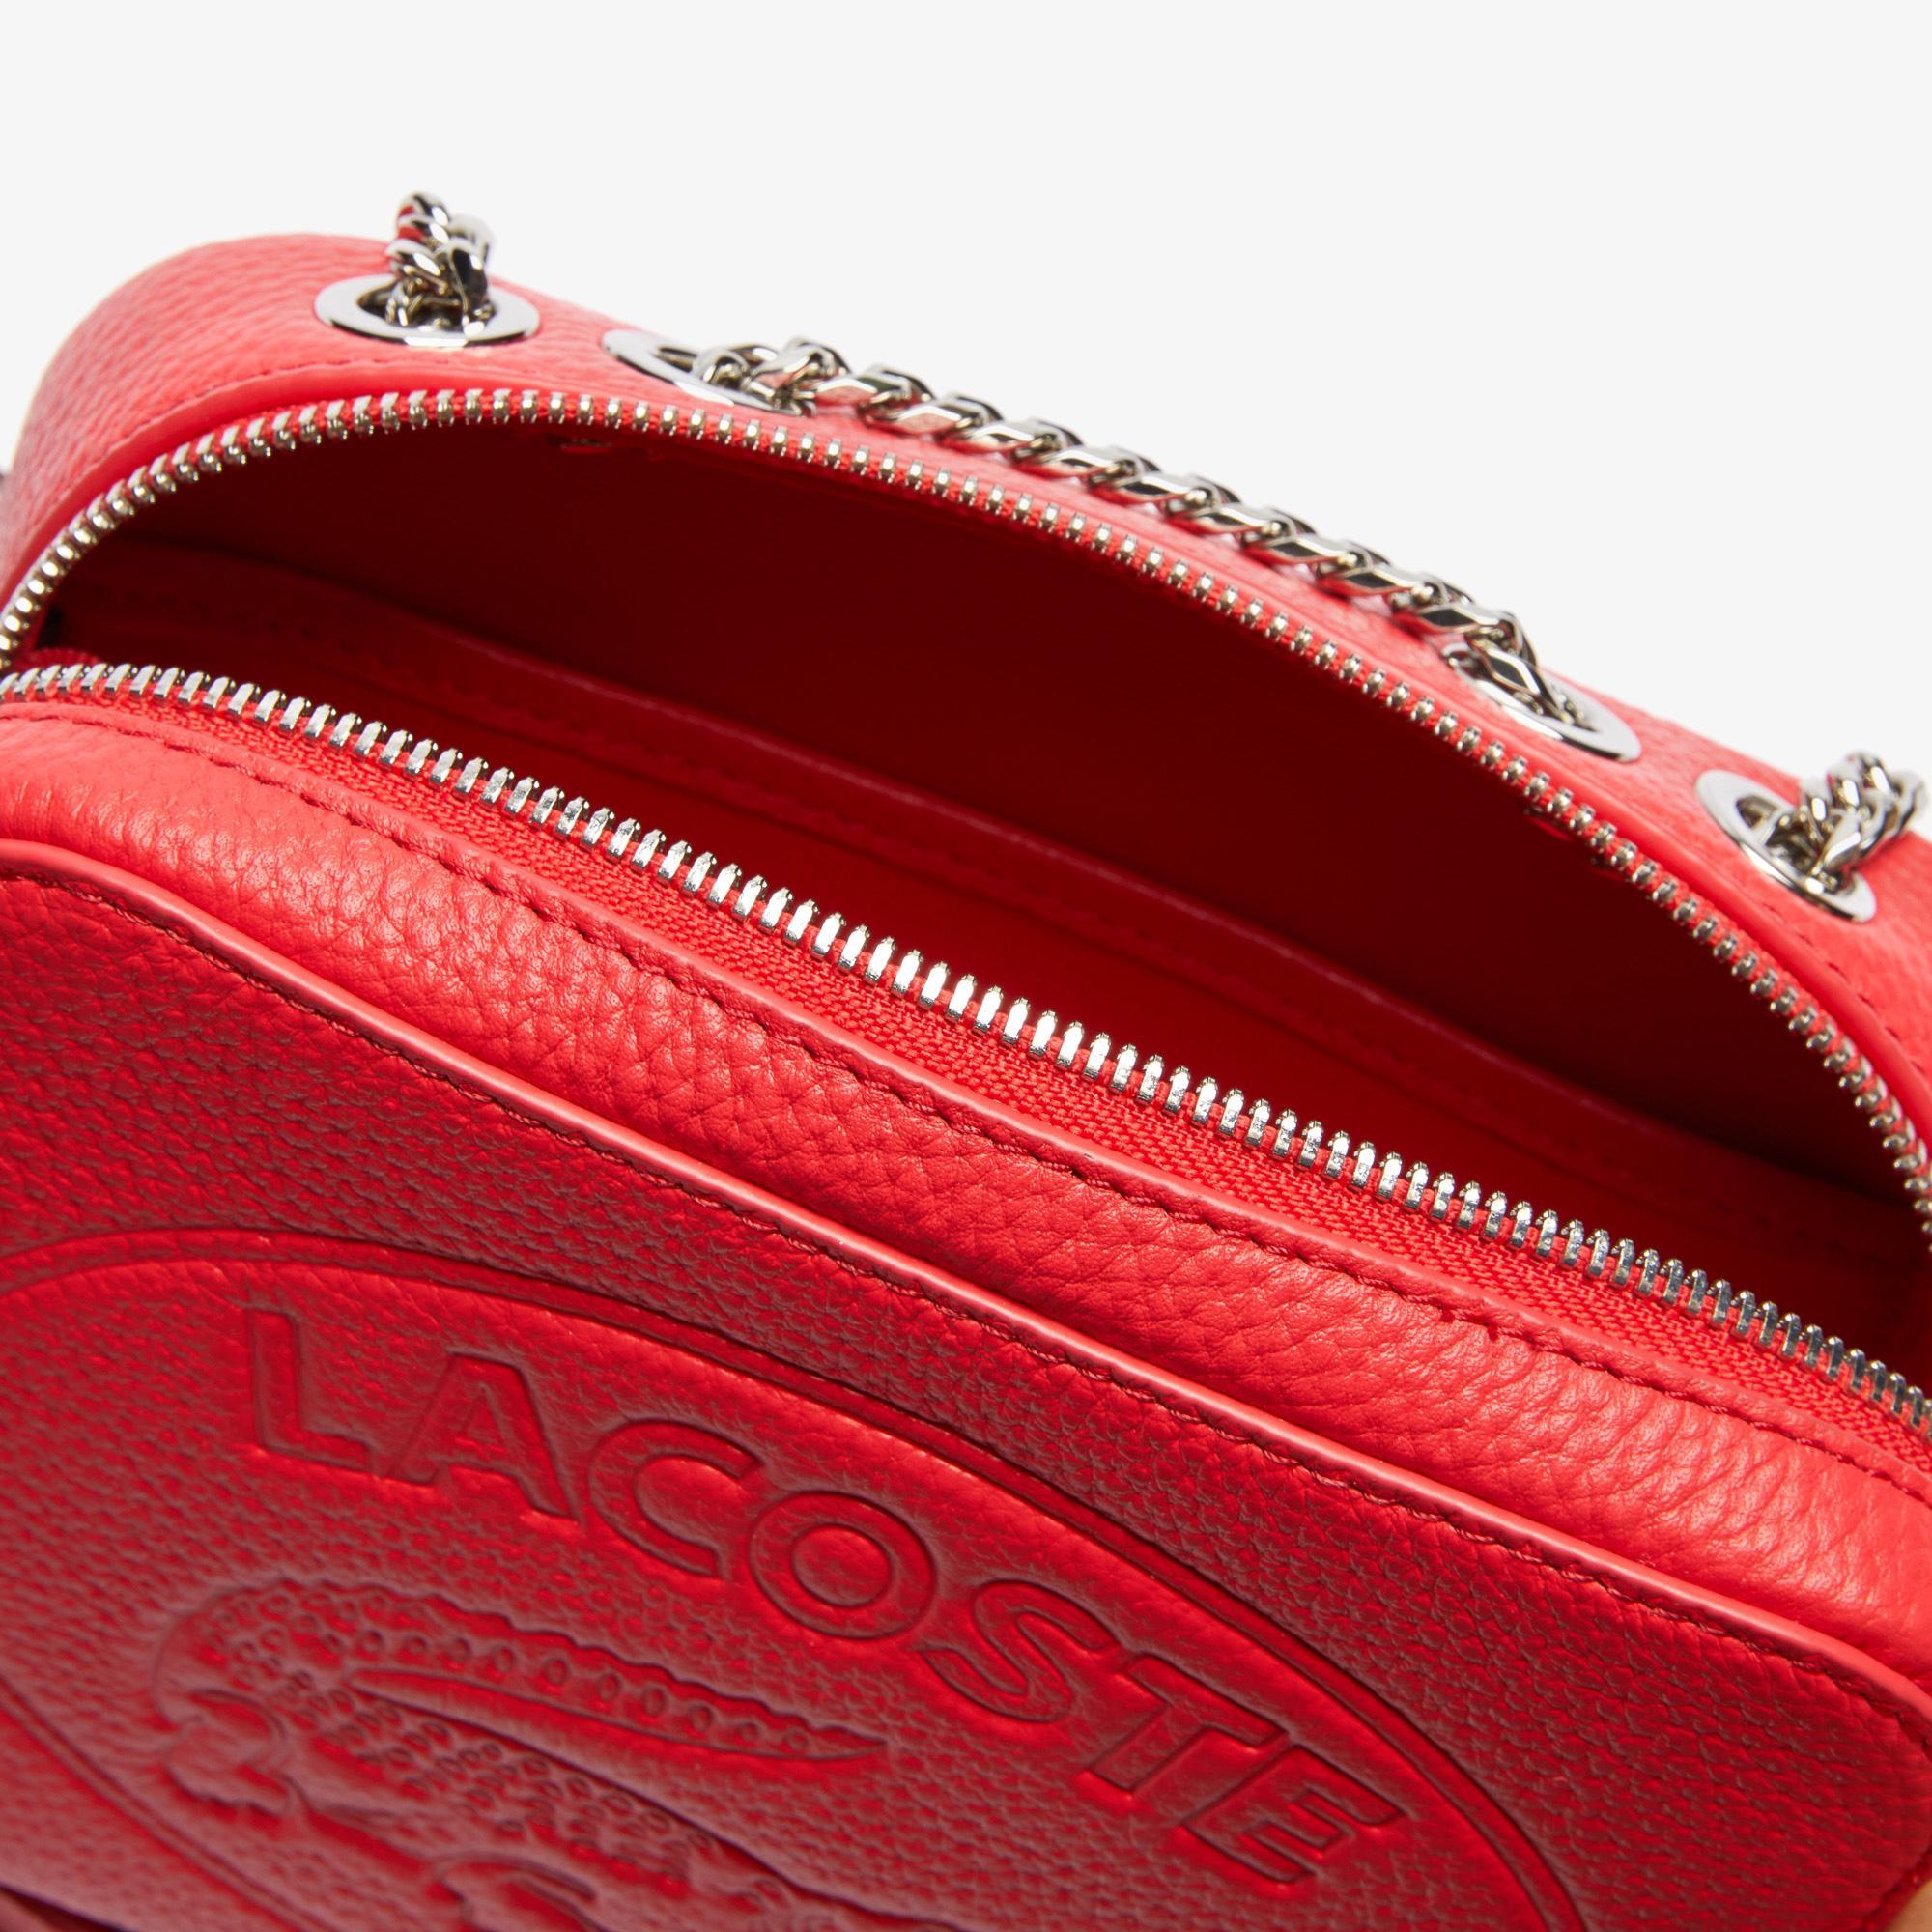 Lacoste Croco Crew Kadın Baskılı Deri Kırmızı Çanta